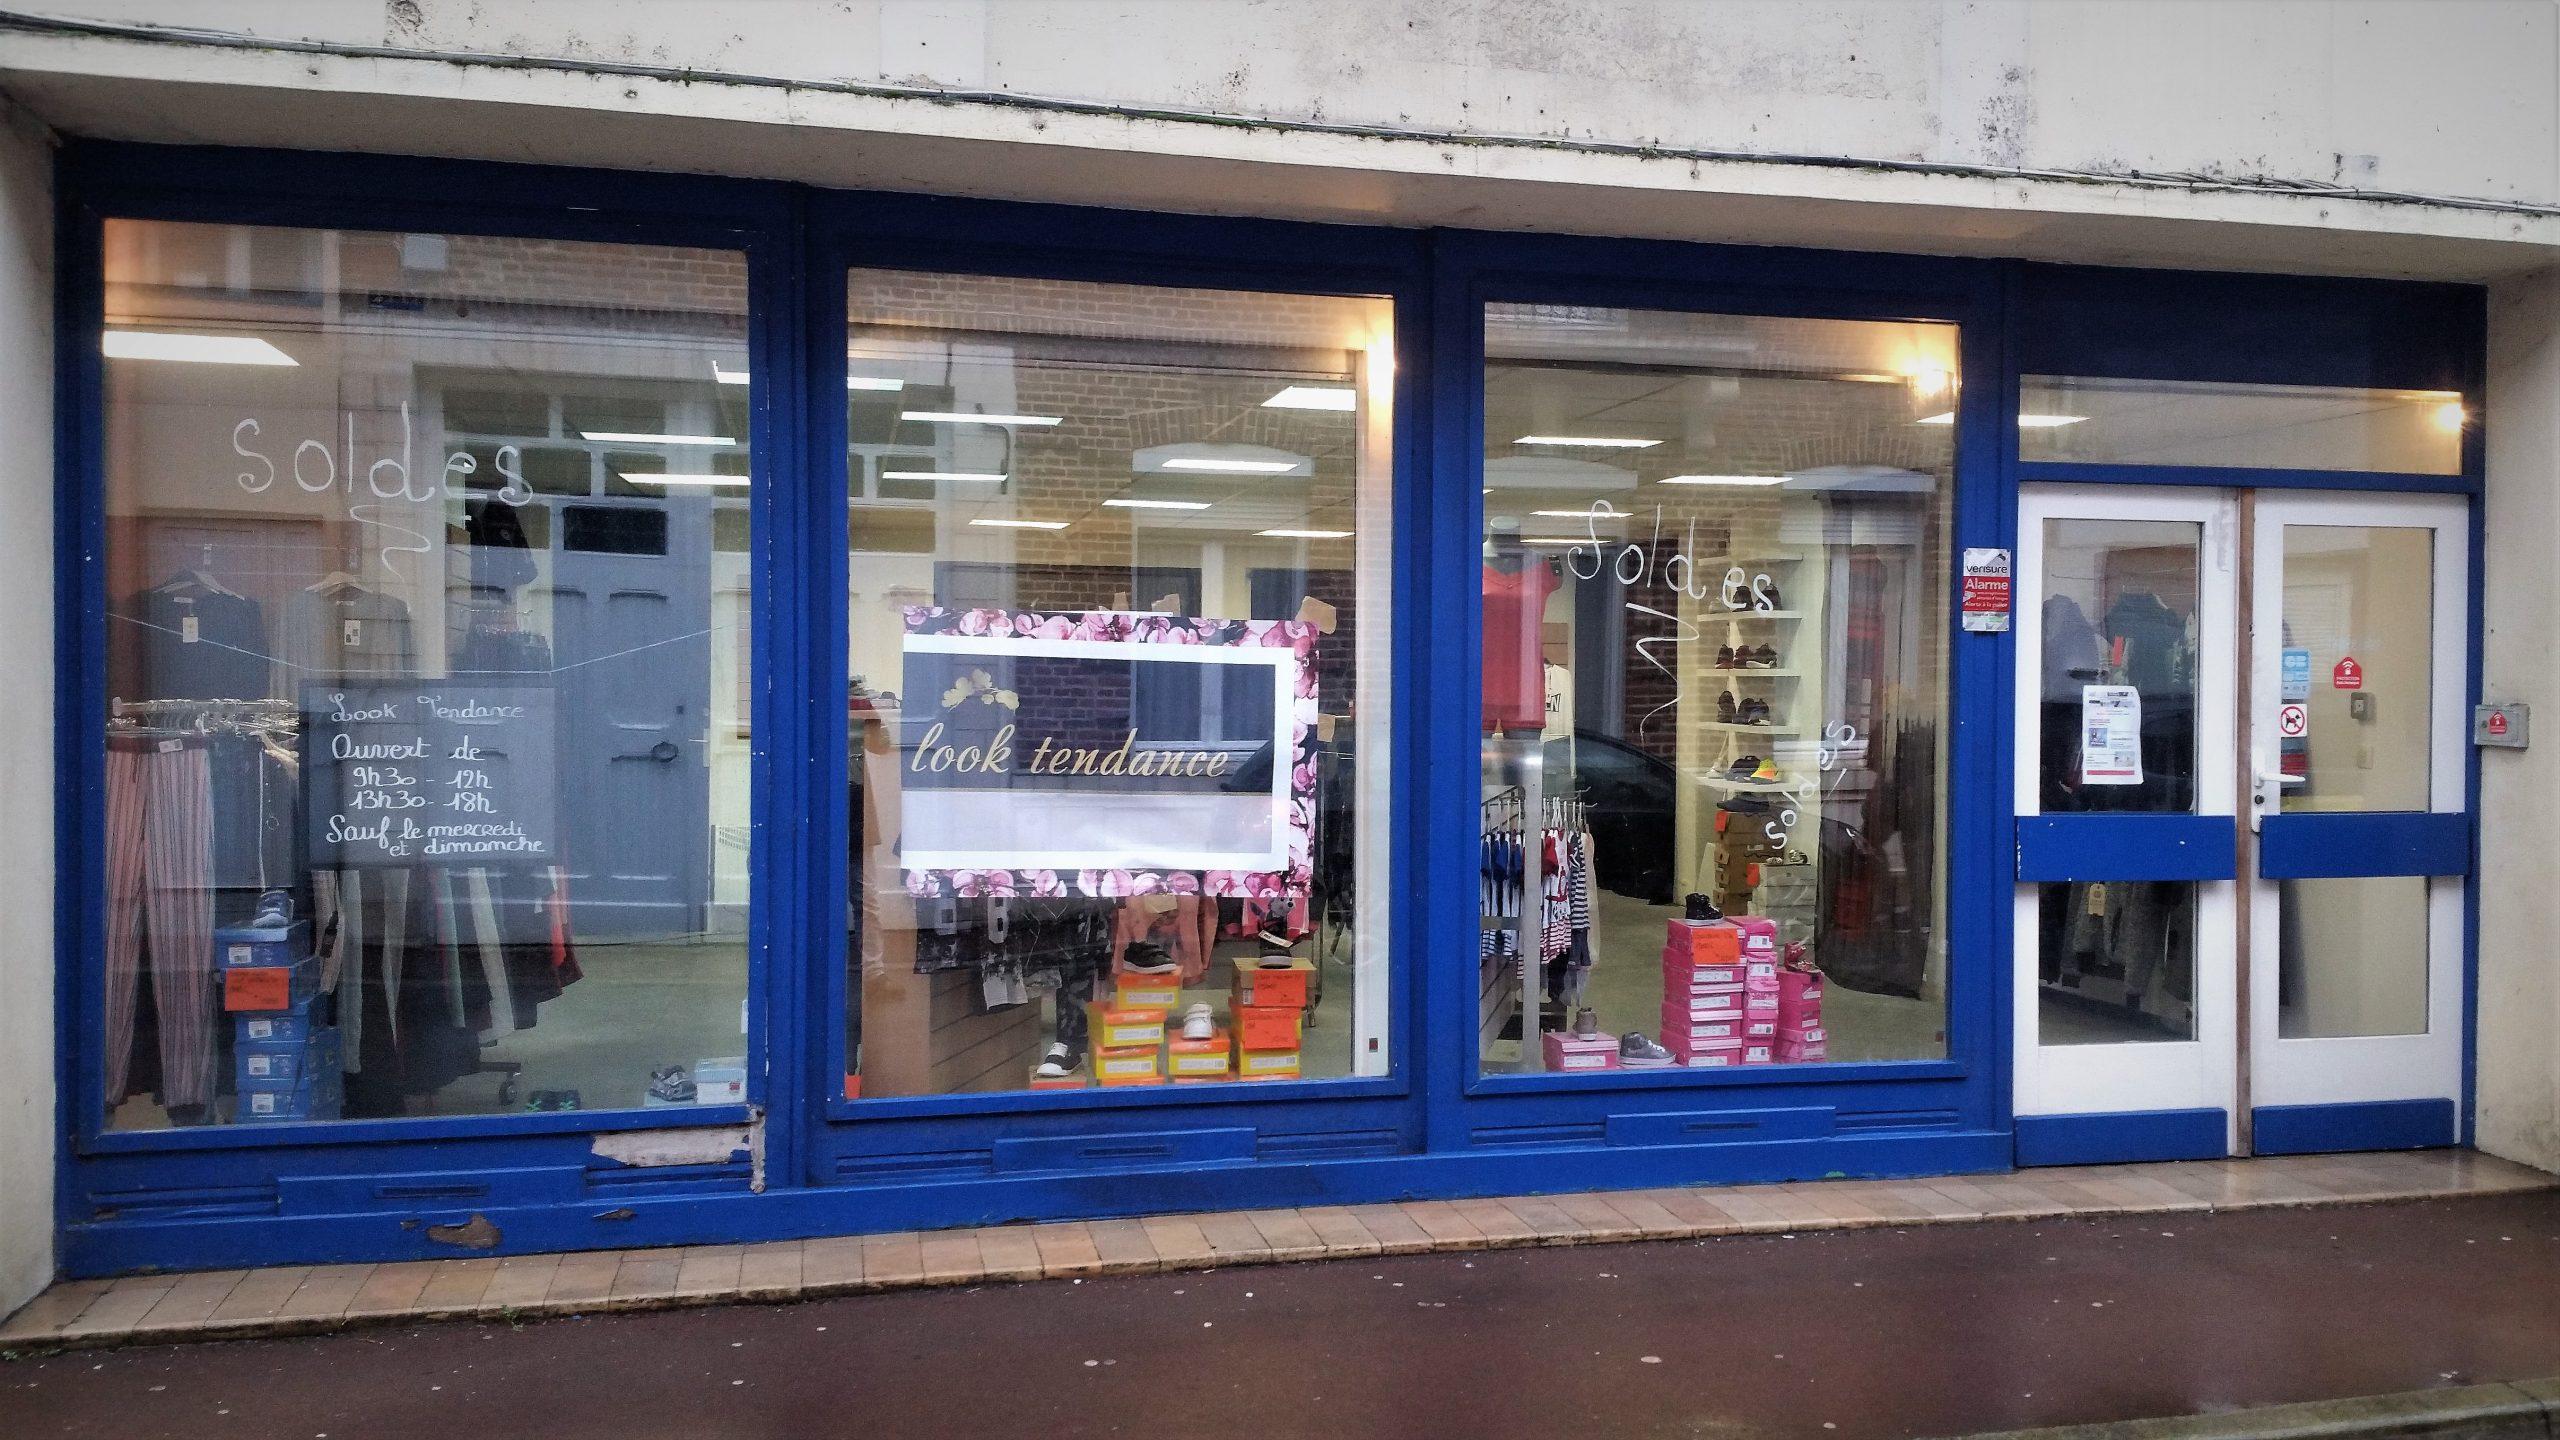 Saint-Pol : Look Tendance s'installe dans l'ex-épicerie